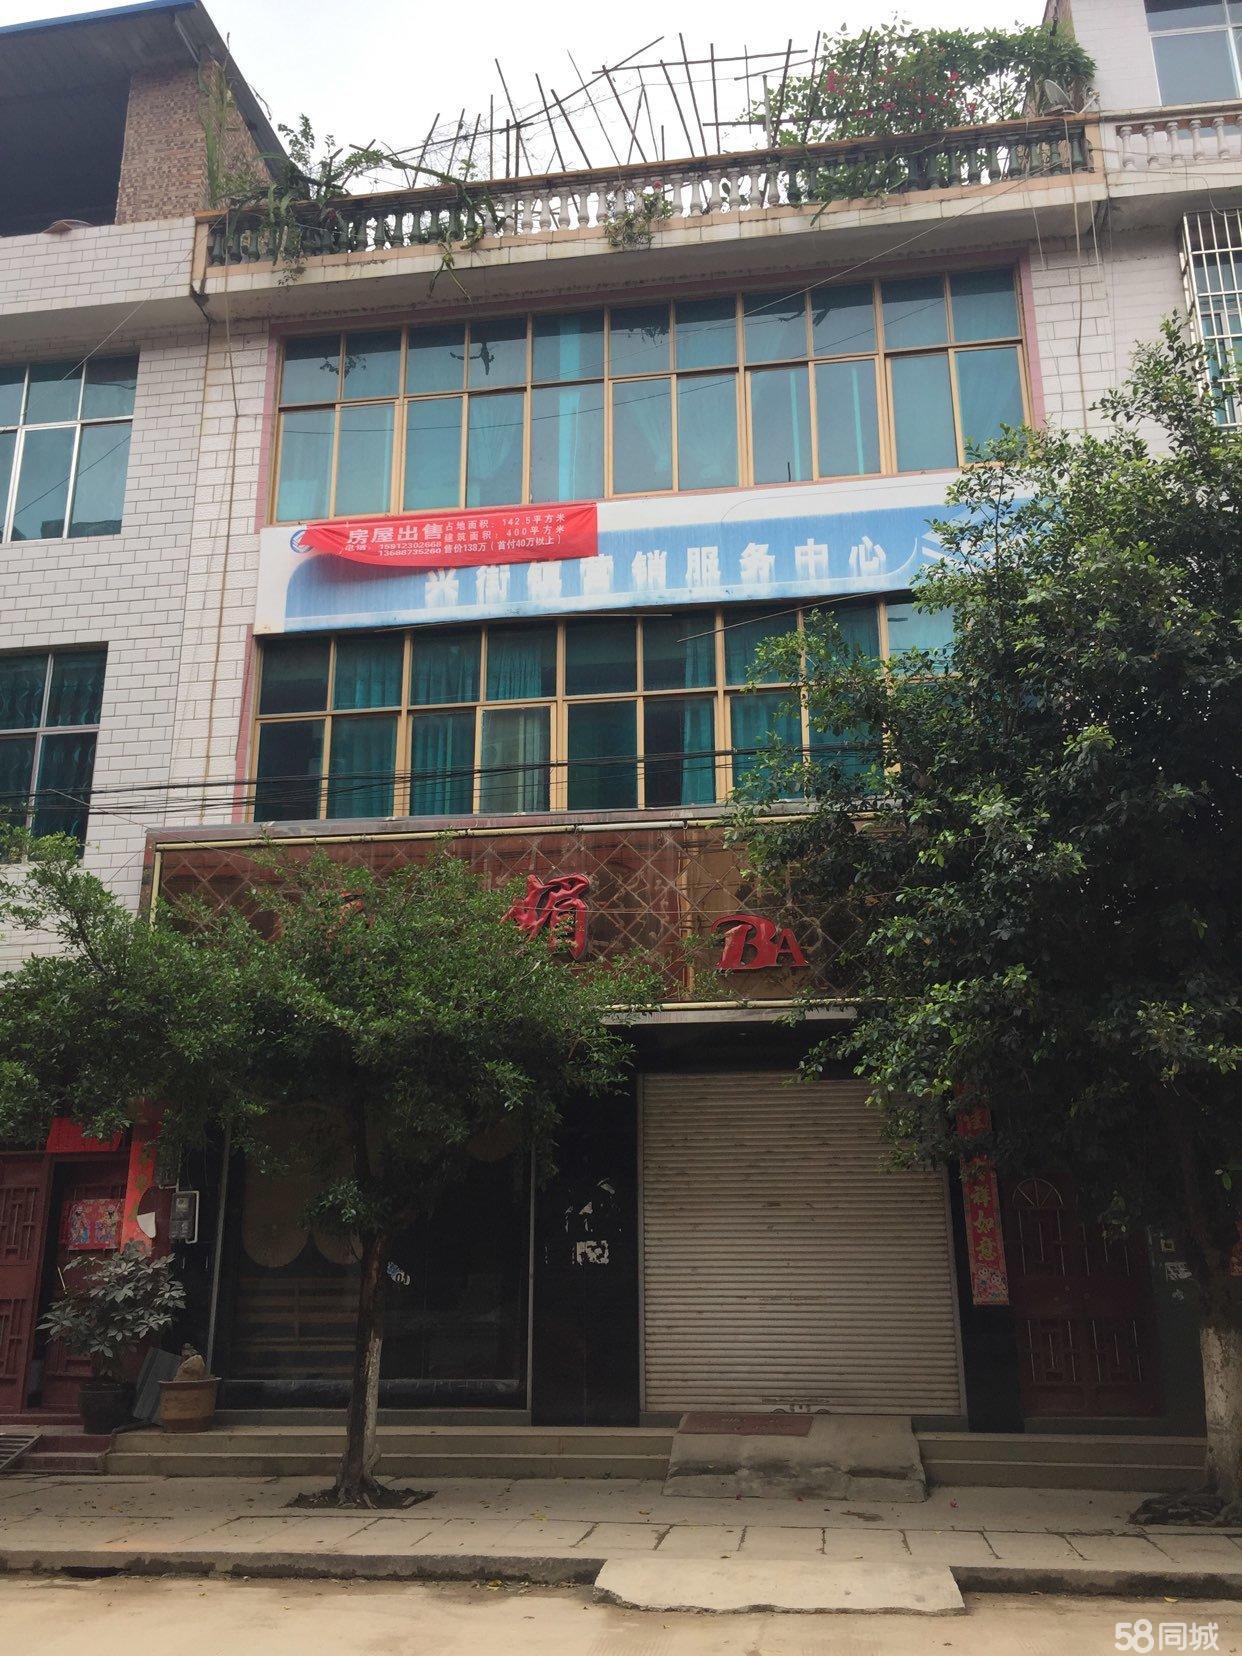 澳门拉斯维加斯网上官网兴街自建房出售